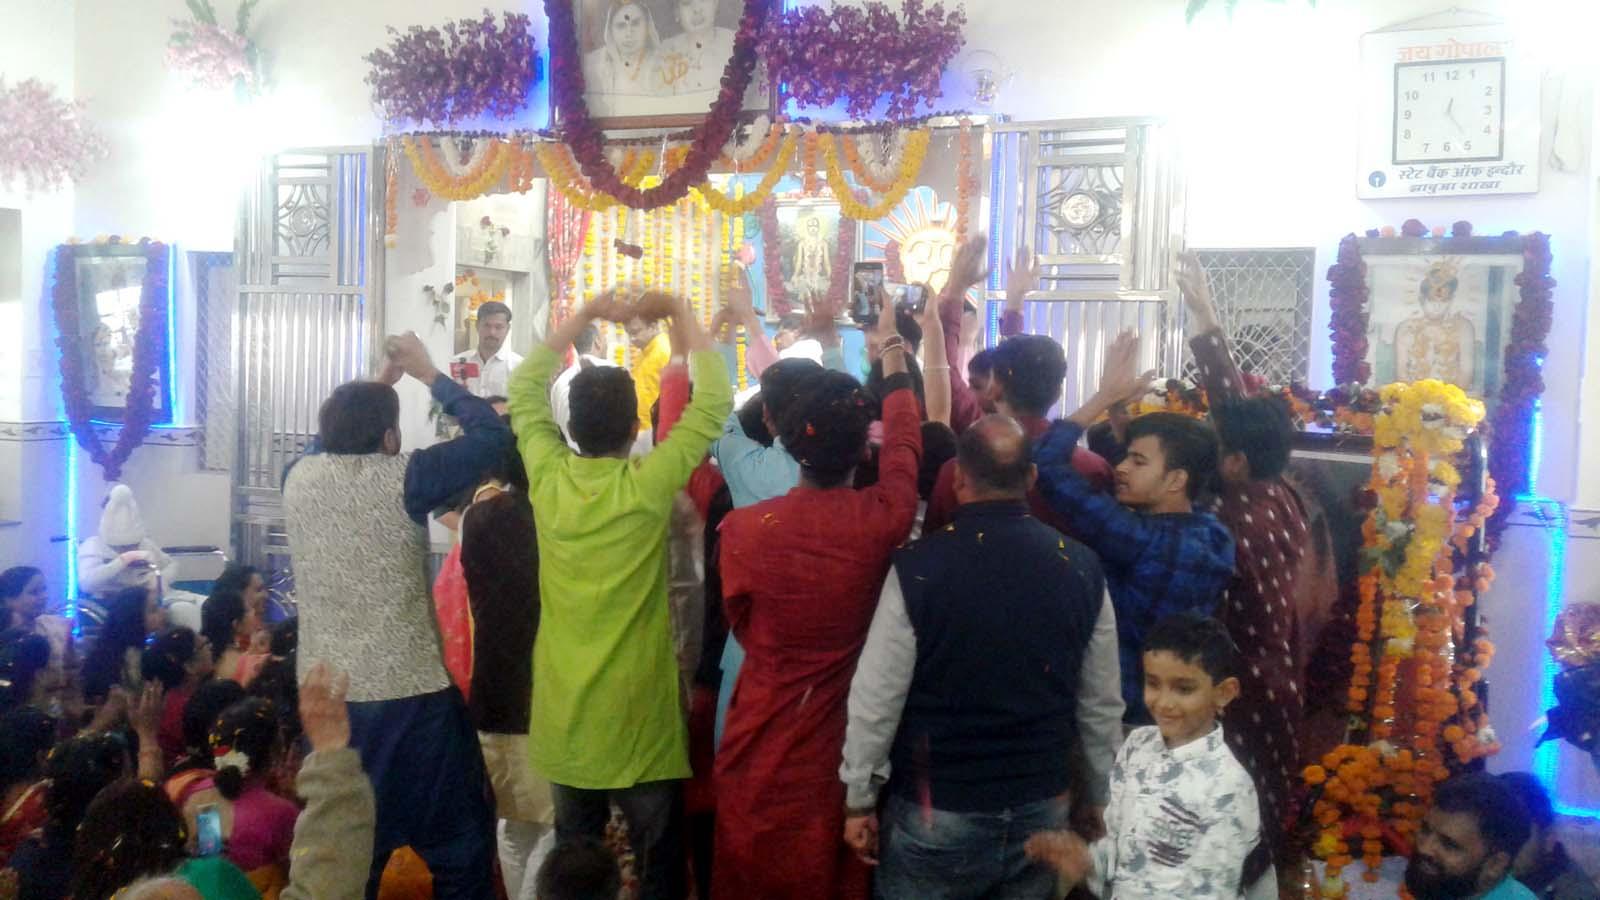 गोपाल प्रभु जन्म शताब्दी महोत्सव में उमड़ा भक्तो का सैलाब, शोभा यात्रा में झूमे भक्तजन